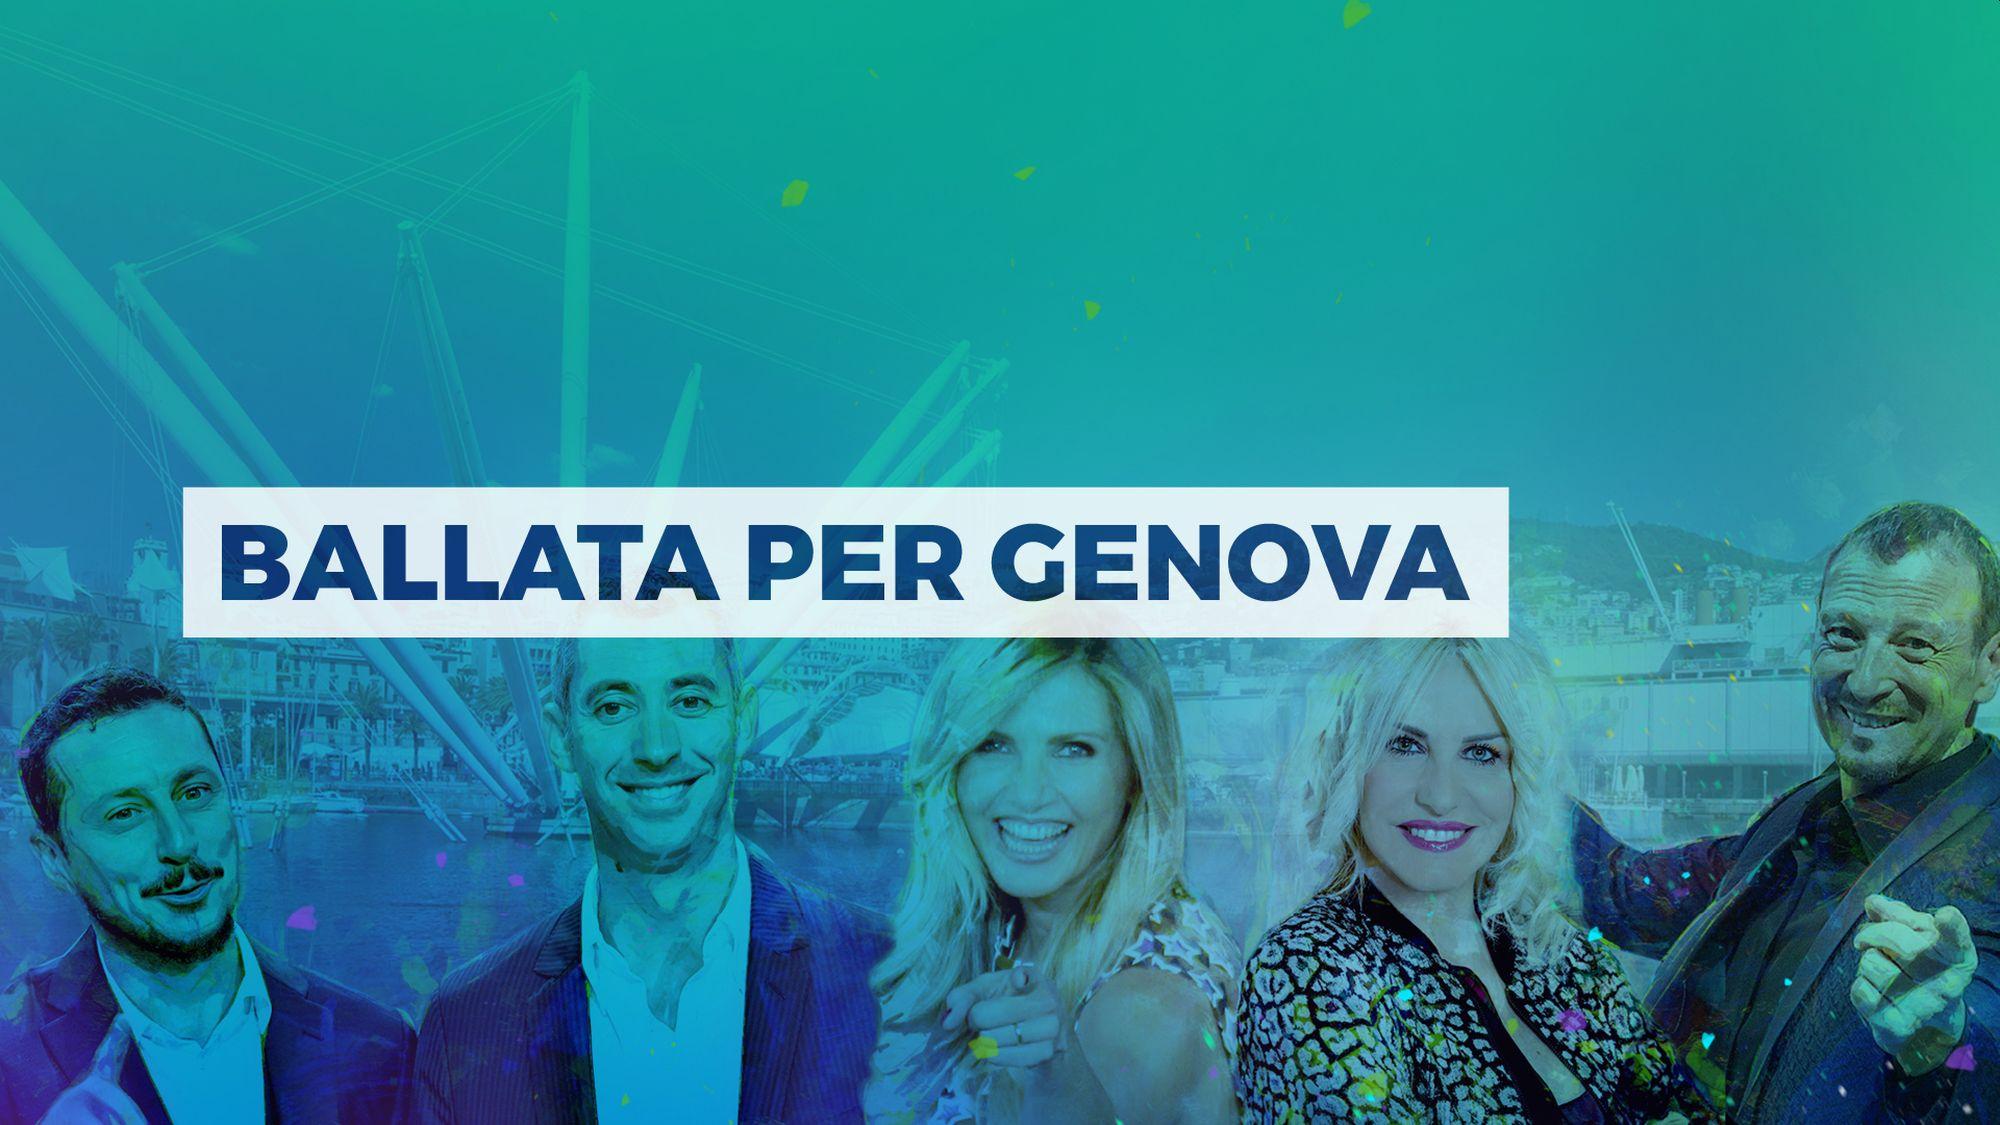 Ballata per Genova in streaming, diretta tv, dove vederlo, replica